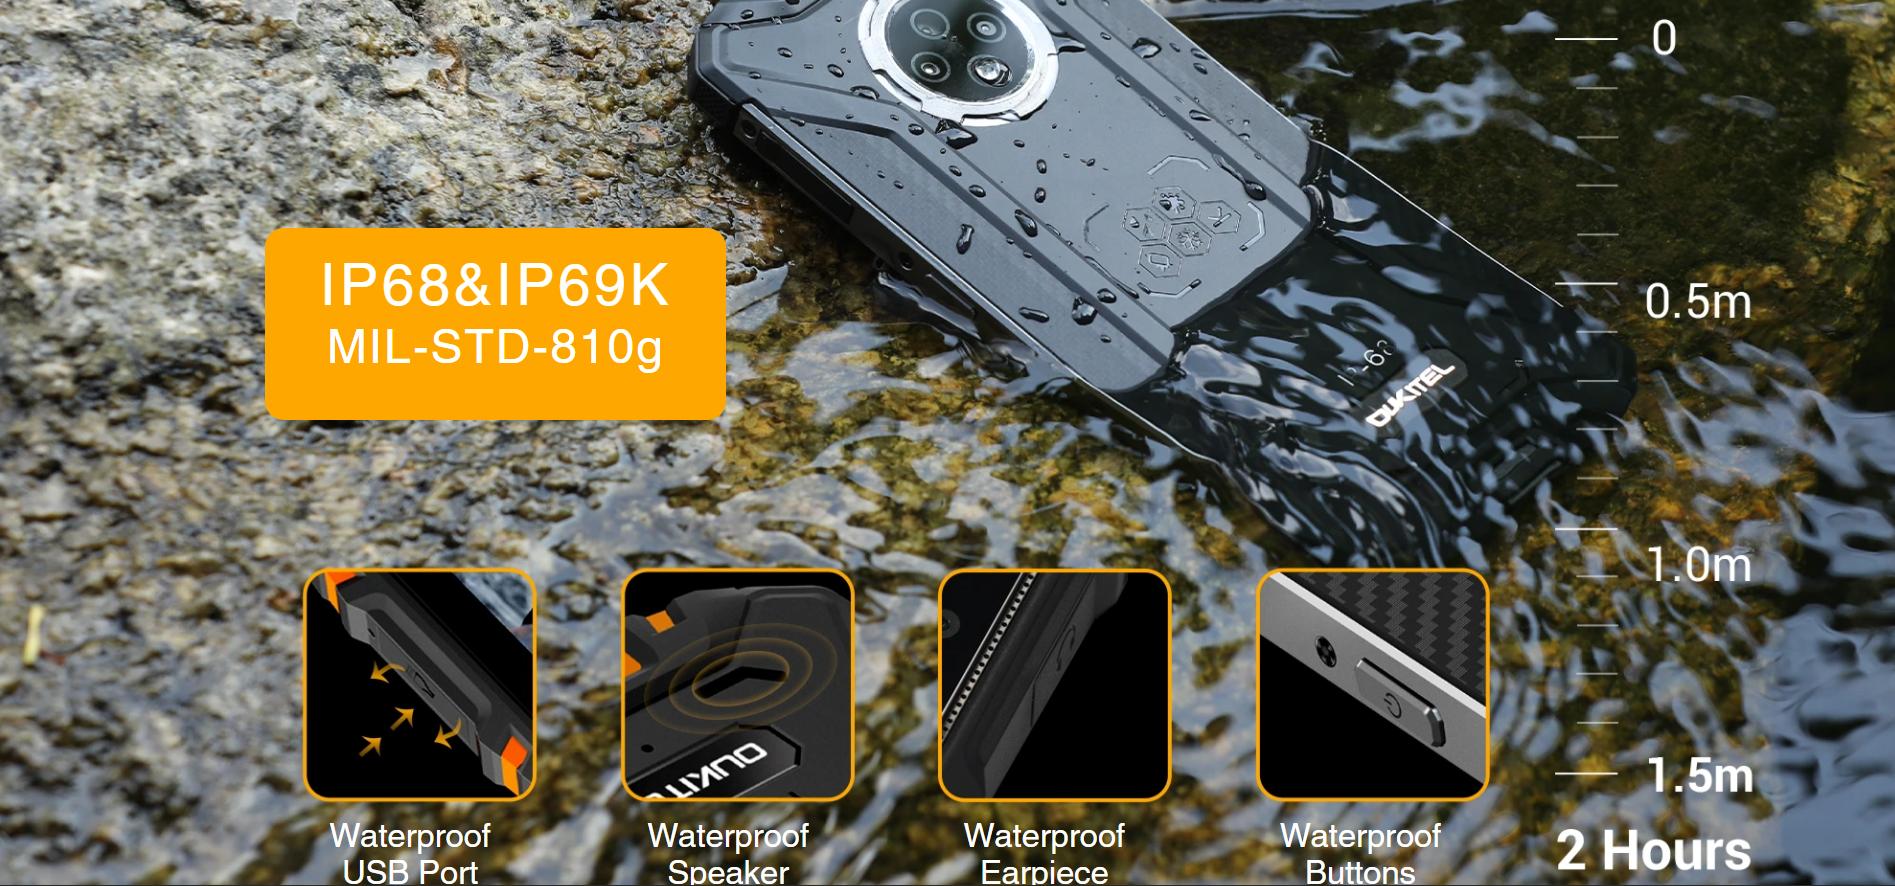 Oukitel-wp8-pro-1.png